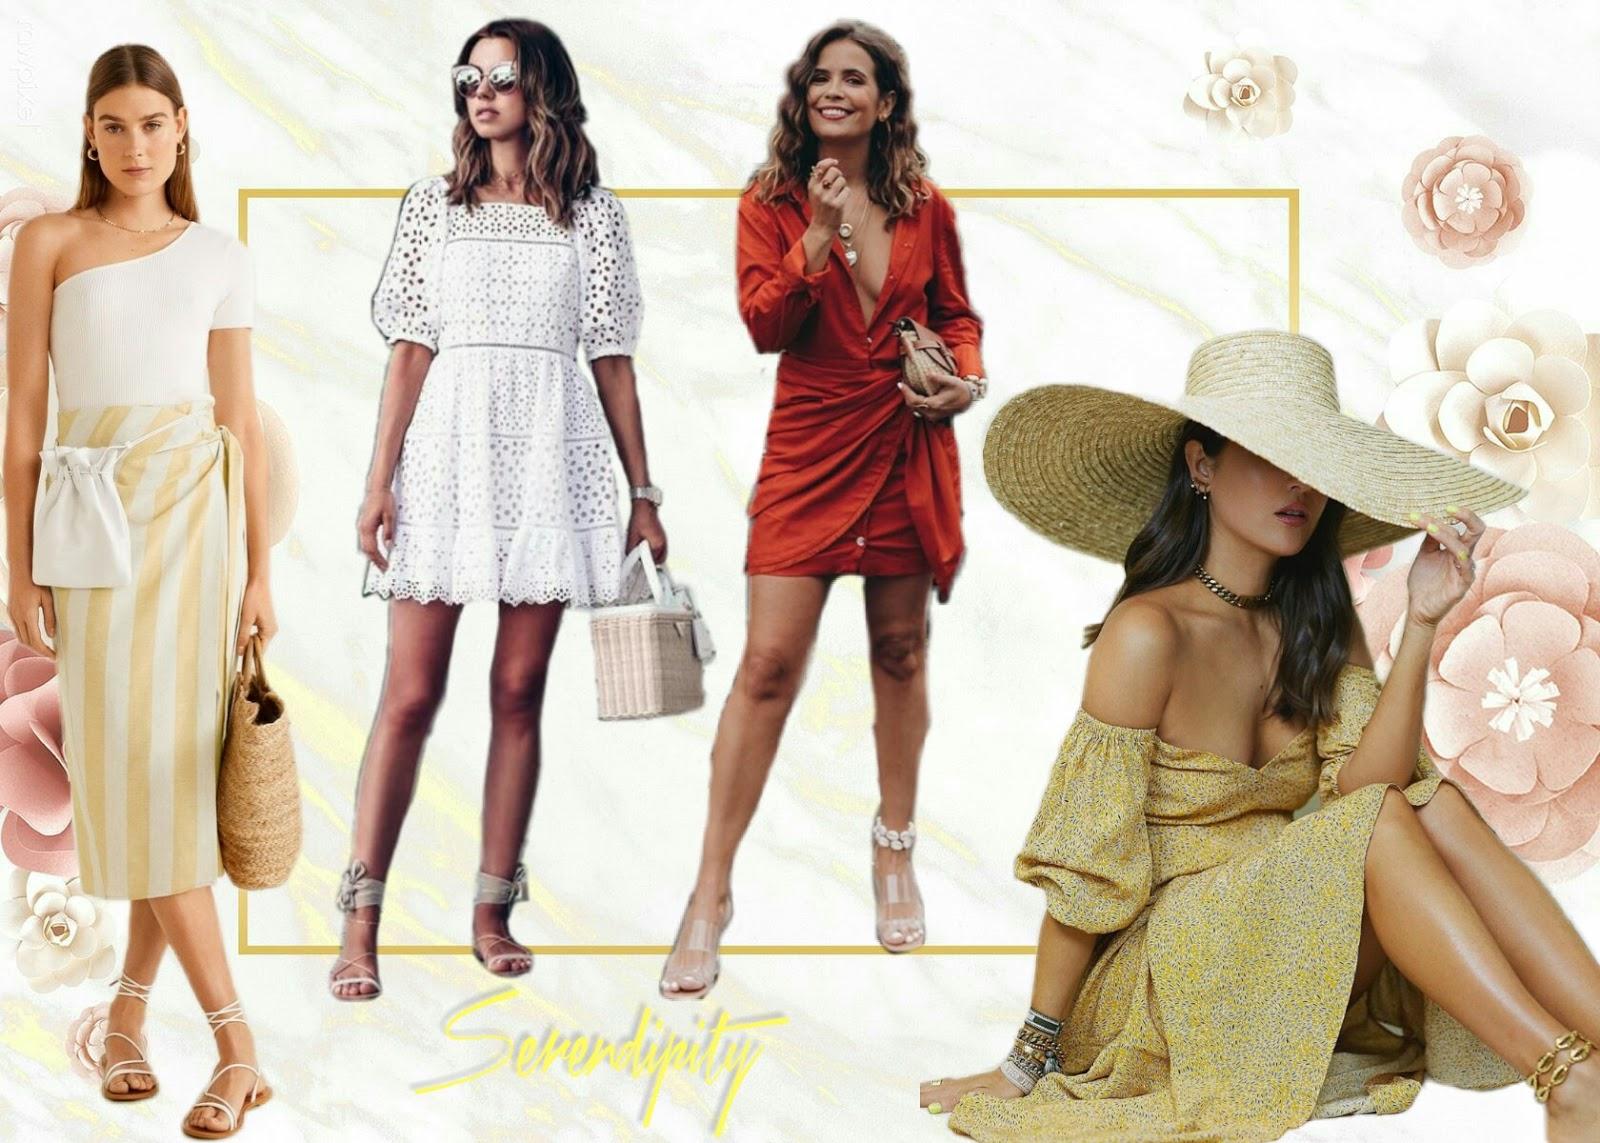 Tendencia y moda - Verano 2019